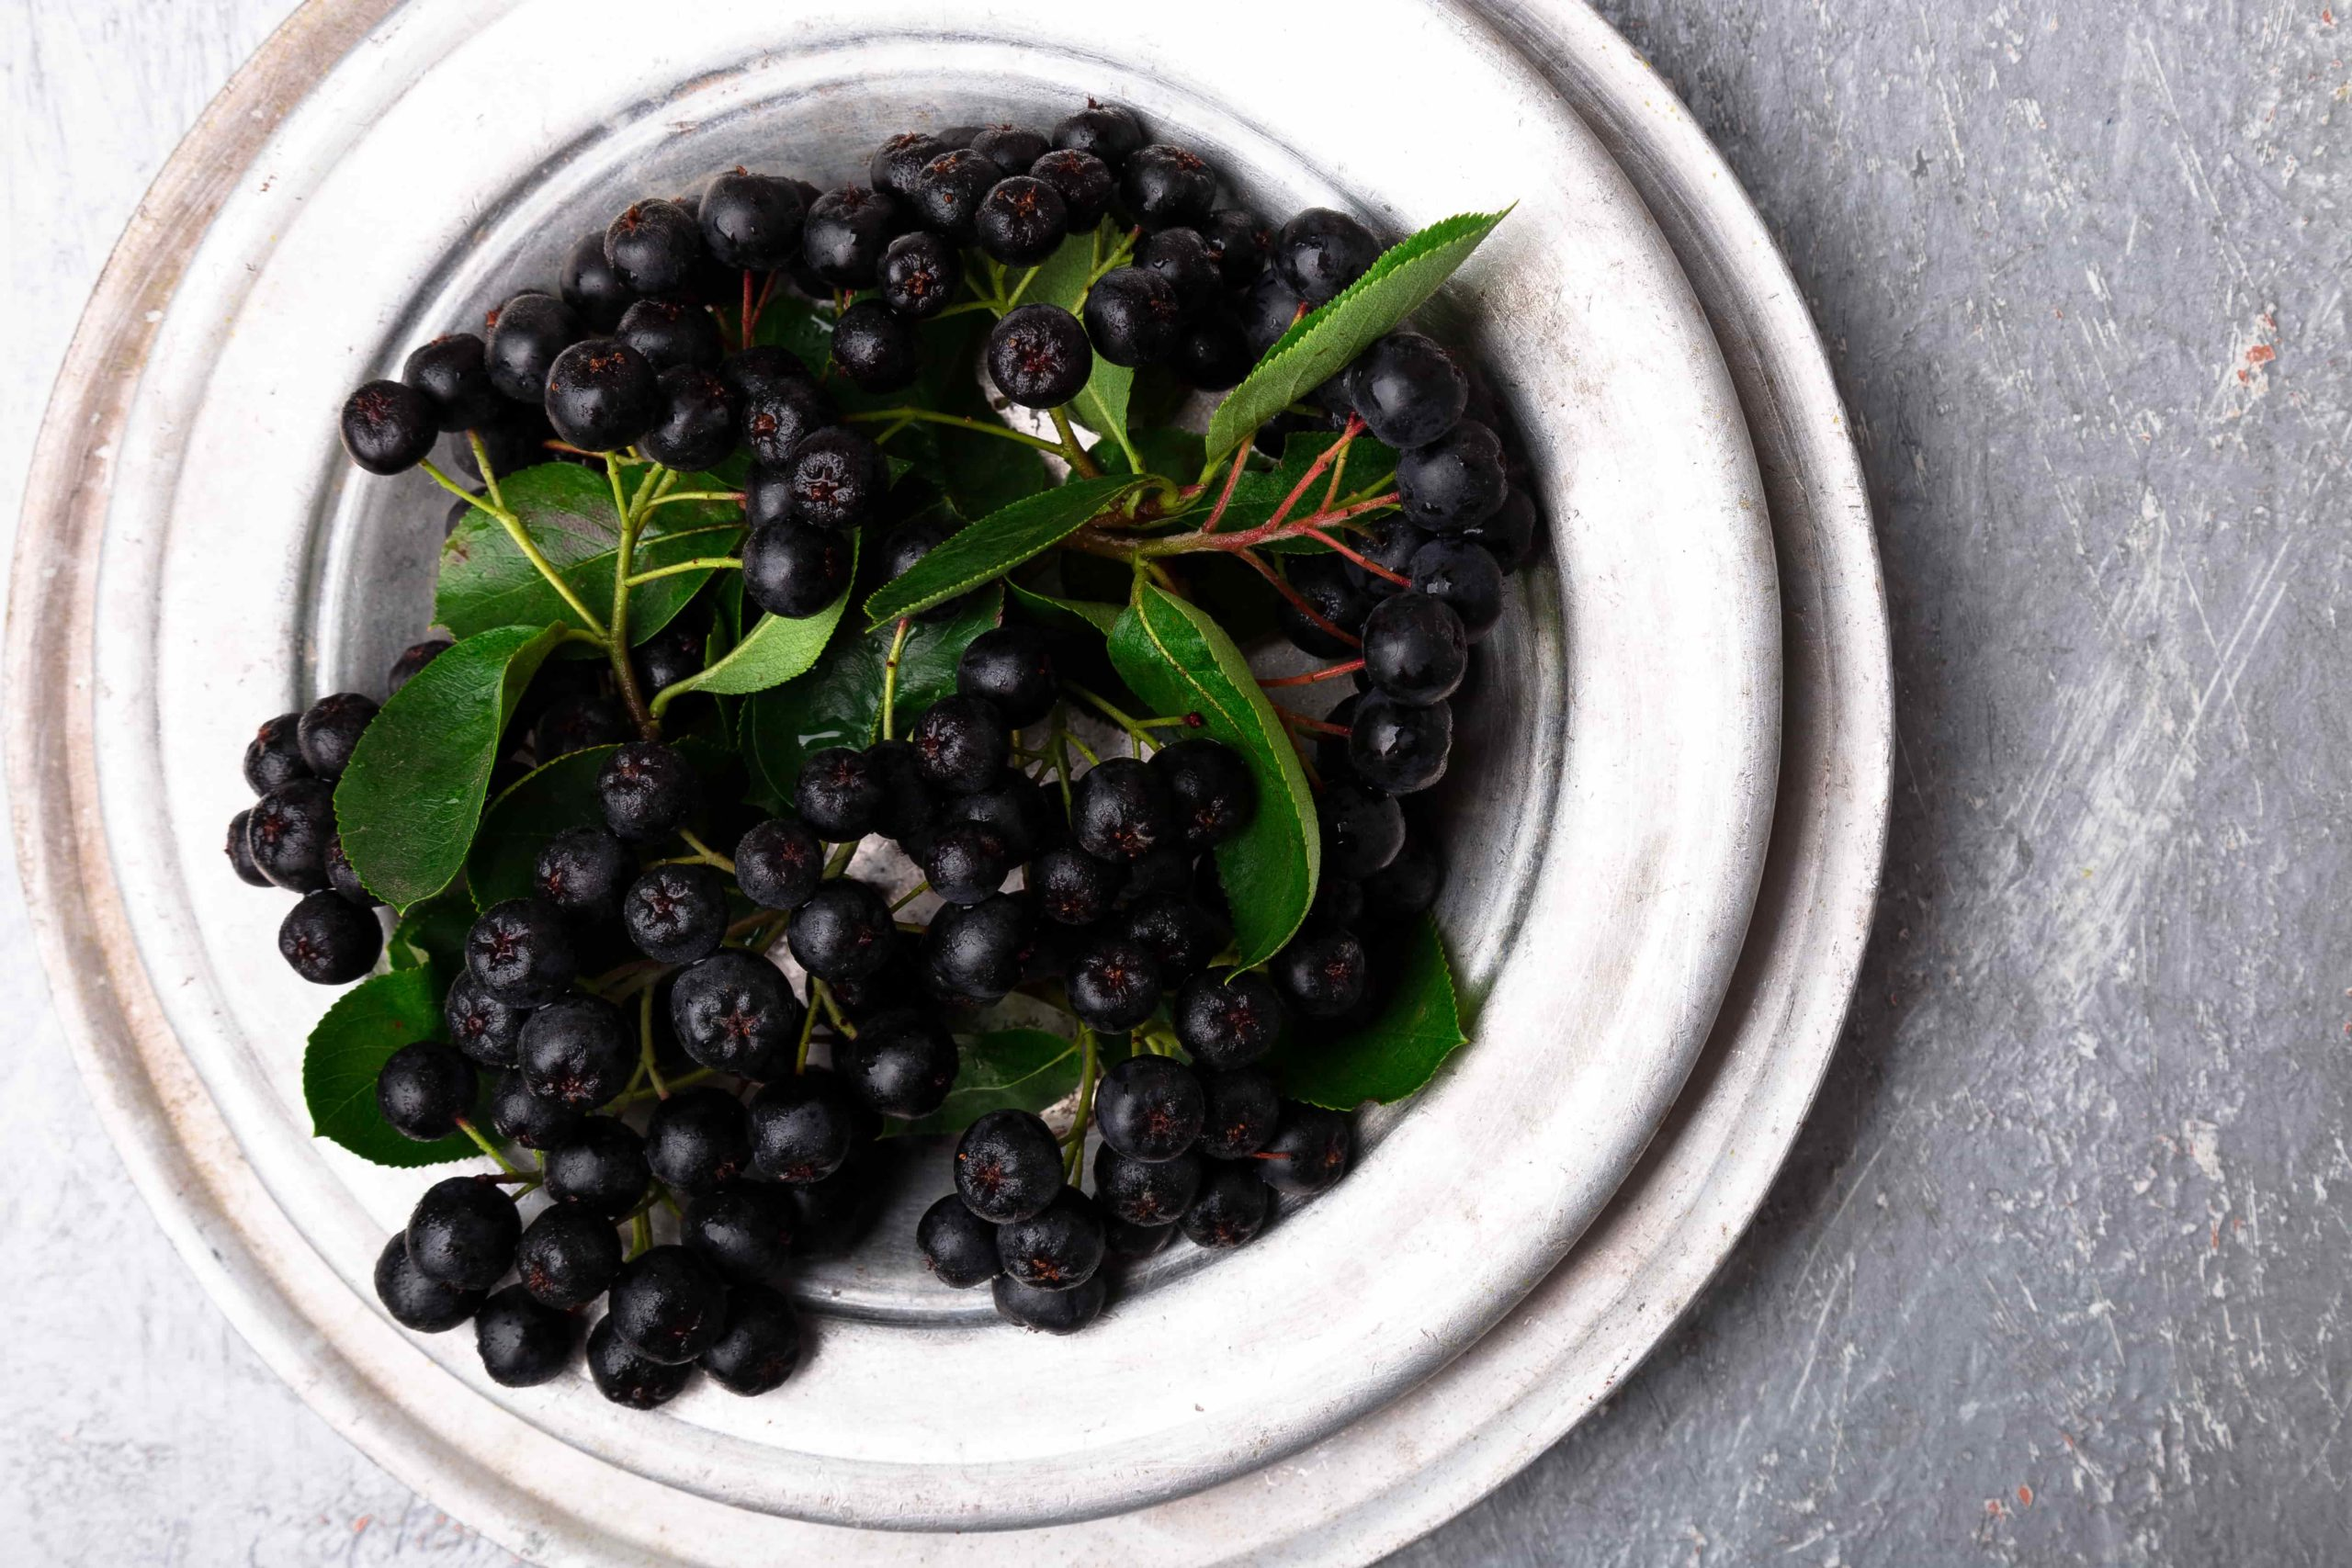 Черноплодная рябина - суперфуд, замедляющий процесс старения. Чем она полезна для здоровья